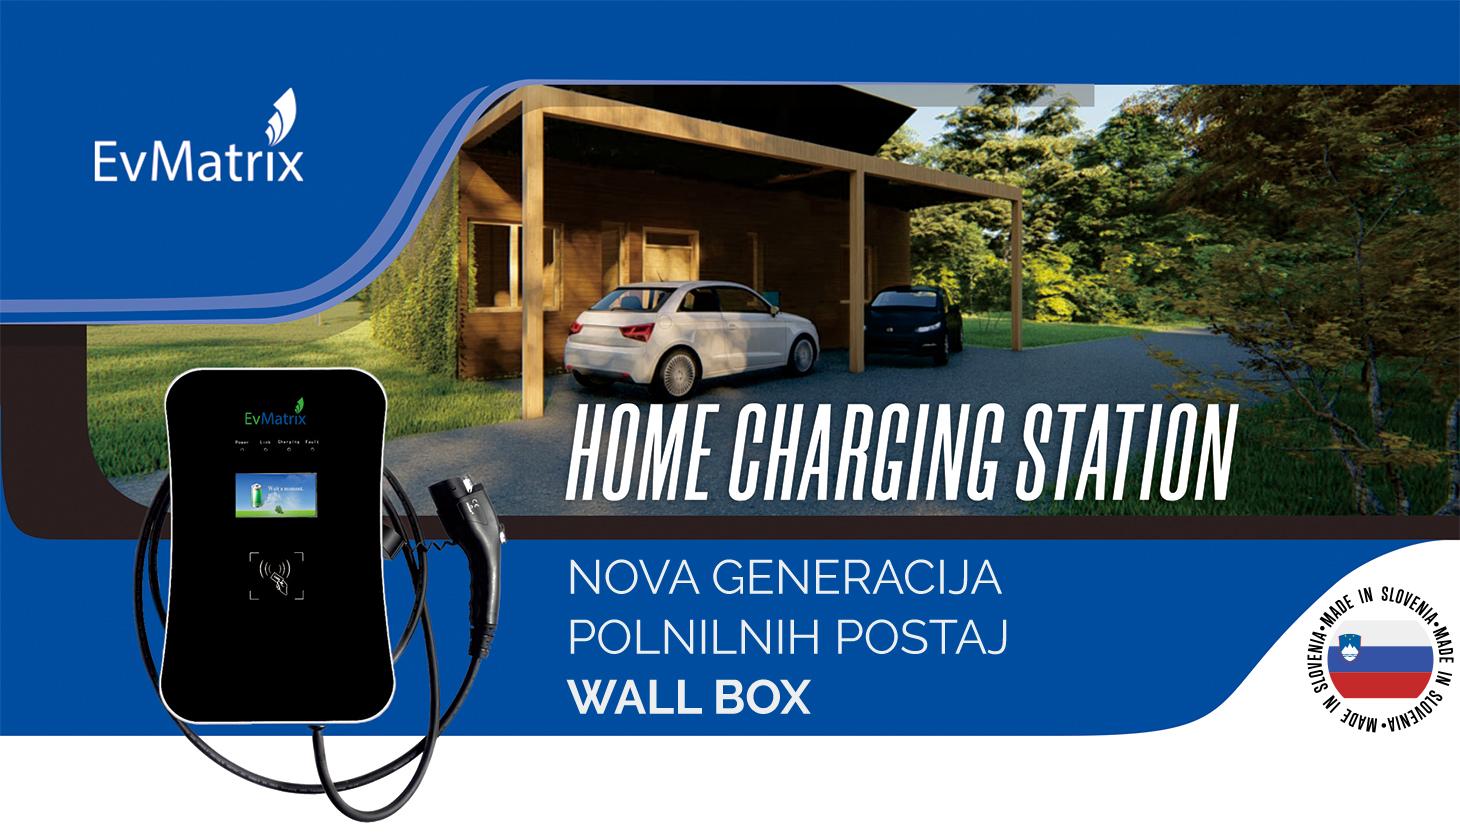 home-charging-station Dobava in montaža polnilnih postaj za vse vrste električnih vozil. Distribucija ter servis električnih skirojev. Projektiranje, svetovanje, nabava materiala in izvedba električnih instalacij za novogradnje ter adaptacije objektov, stanovanj.